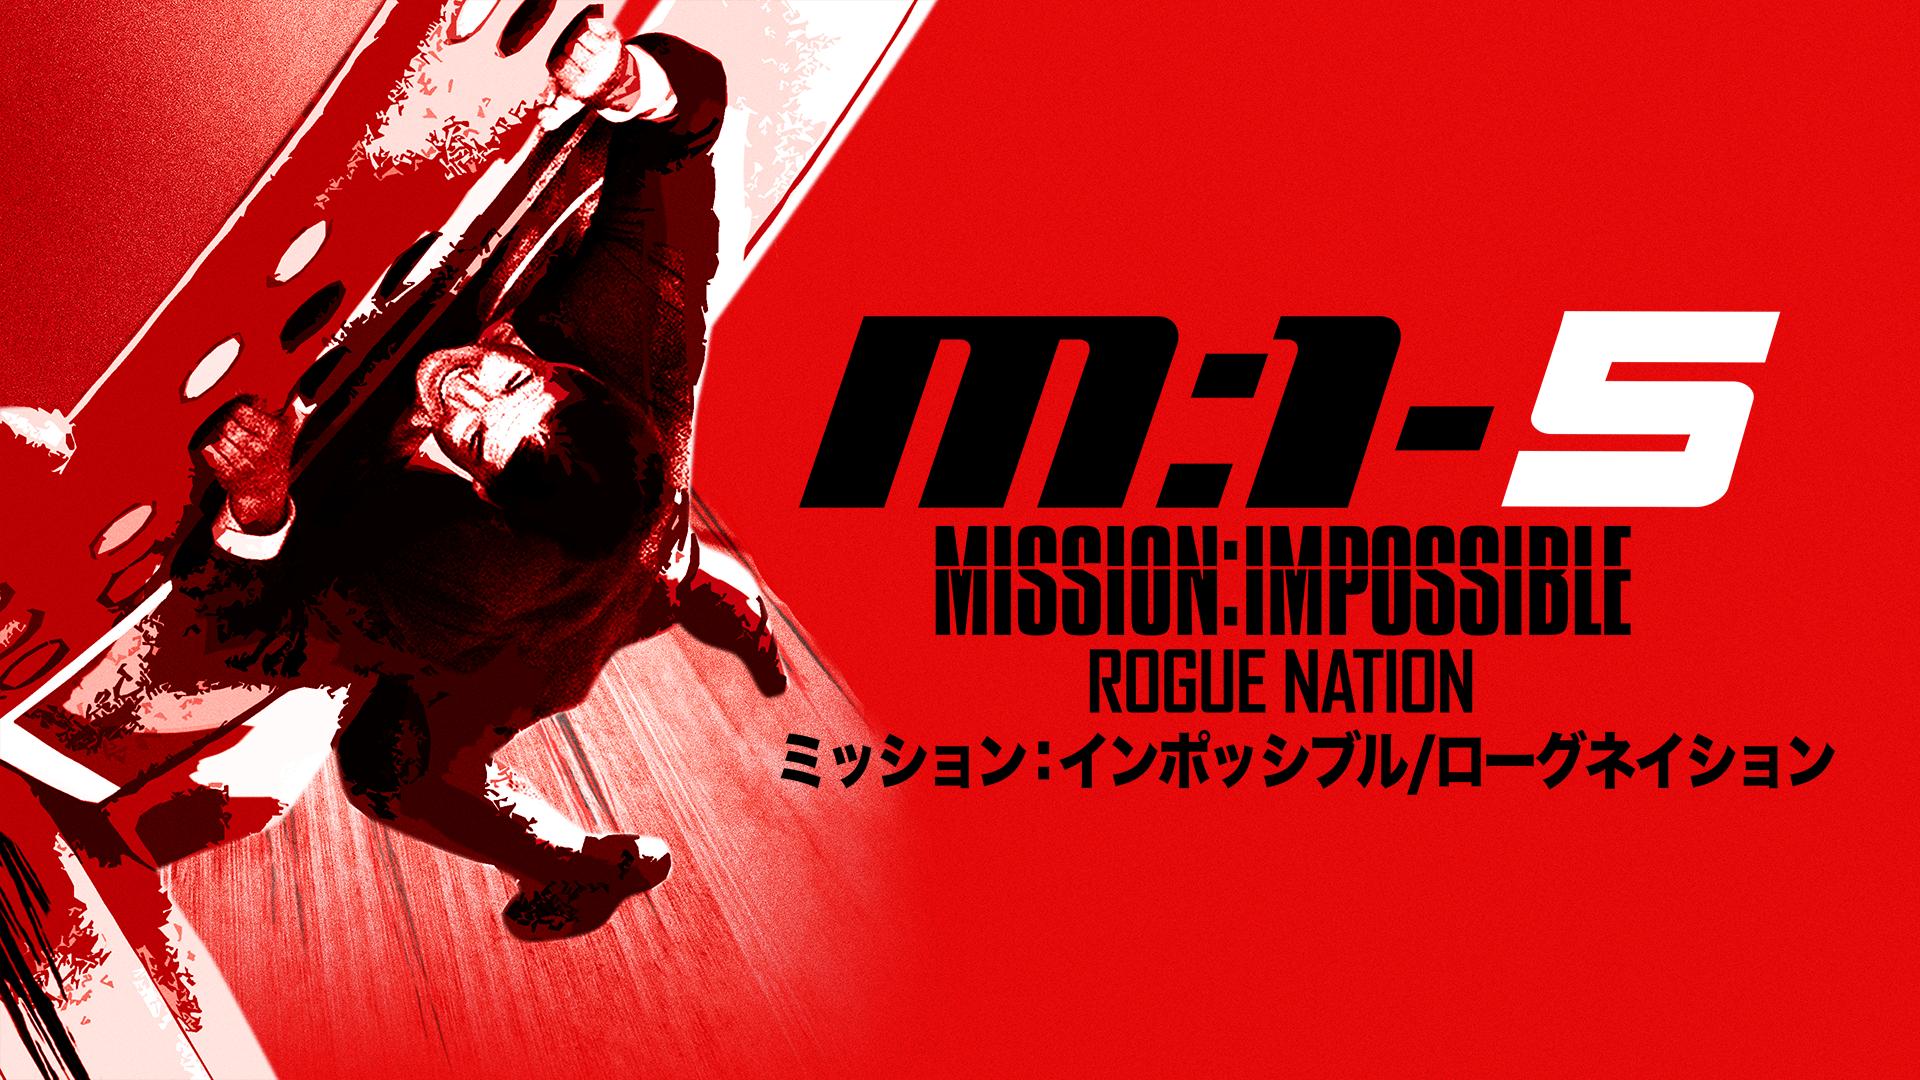 映画『ミッション:インポッシブル/ローグ・ネイション』無料動画をフル視聴(吹き替え・日本語字幕)できる動画配信サービスを紹介